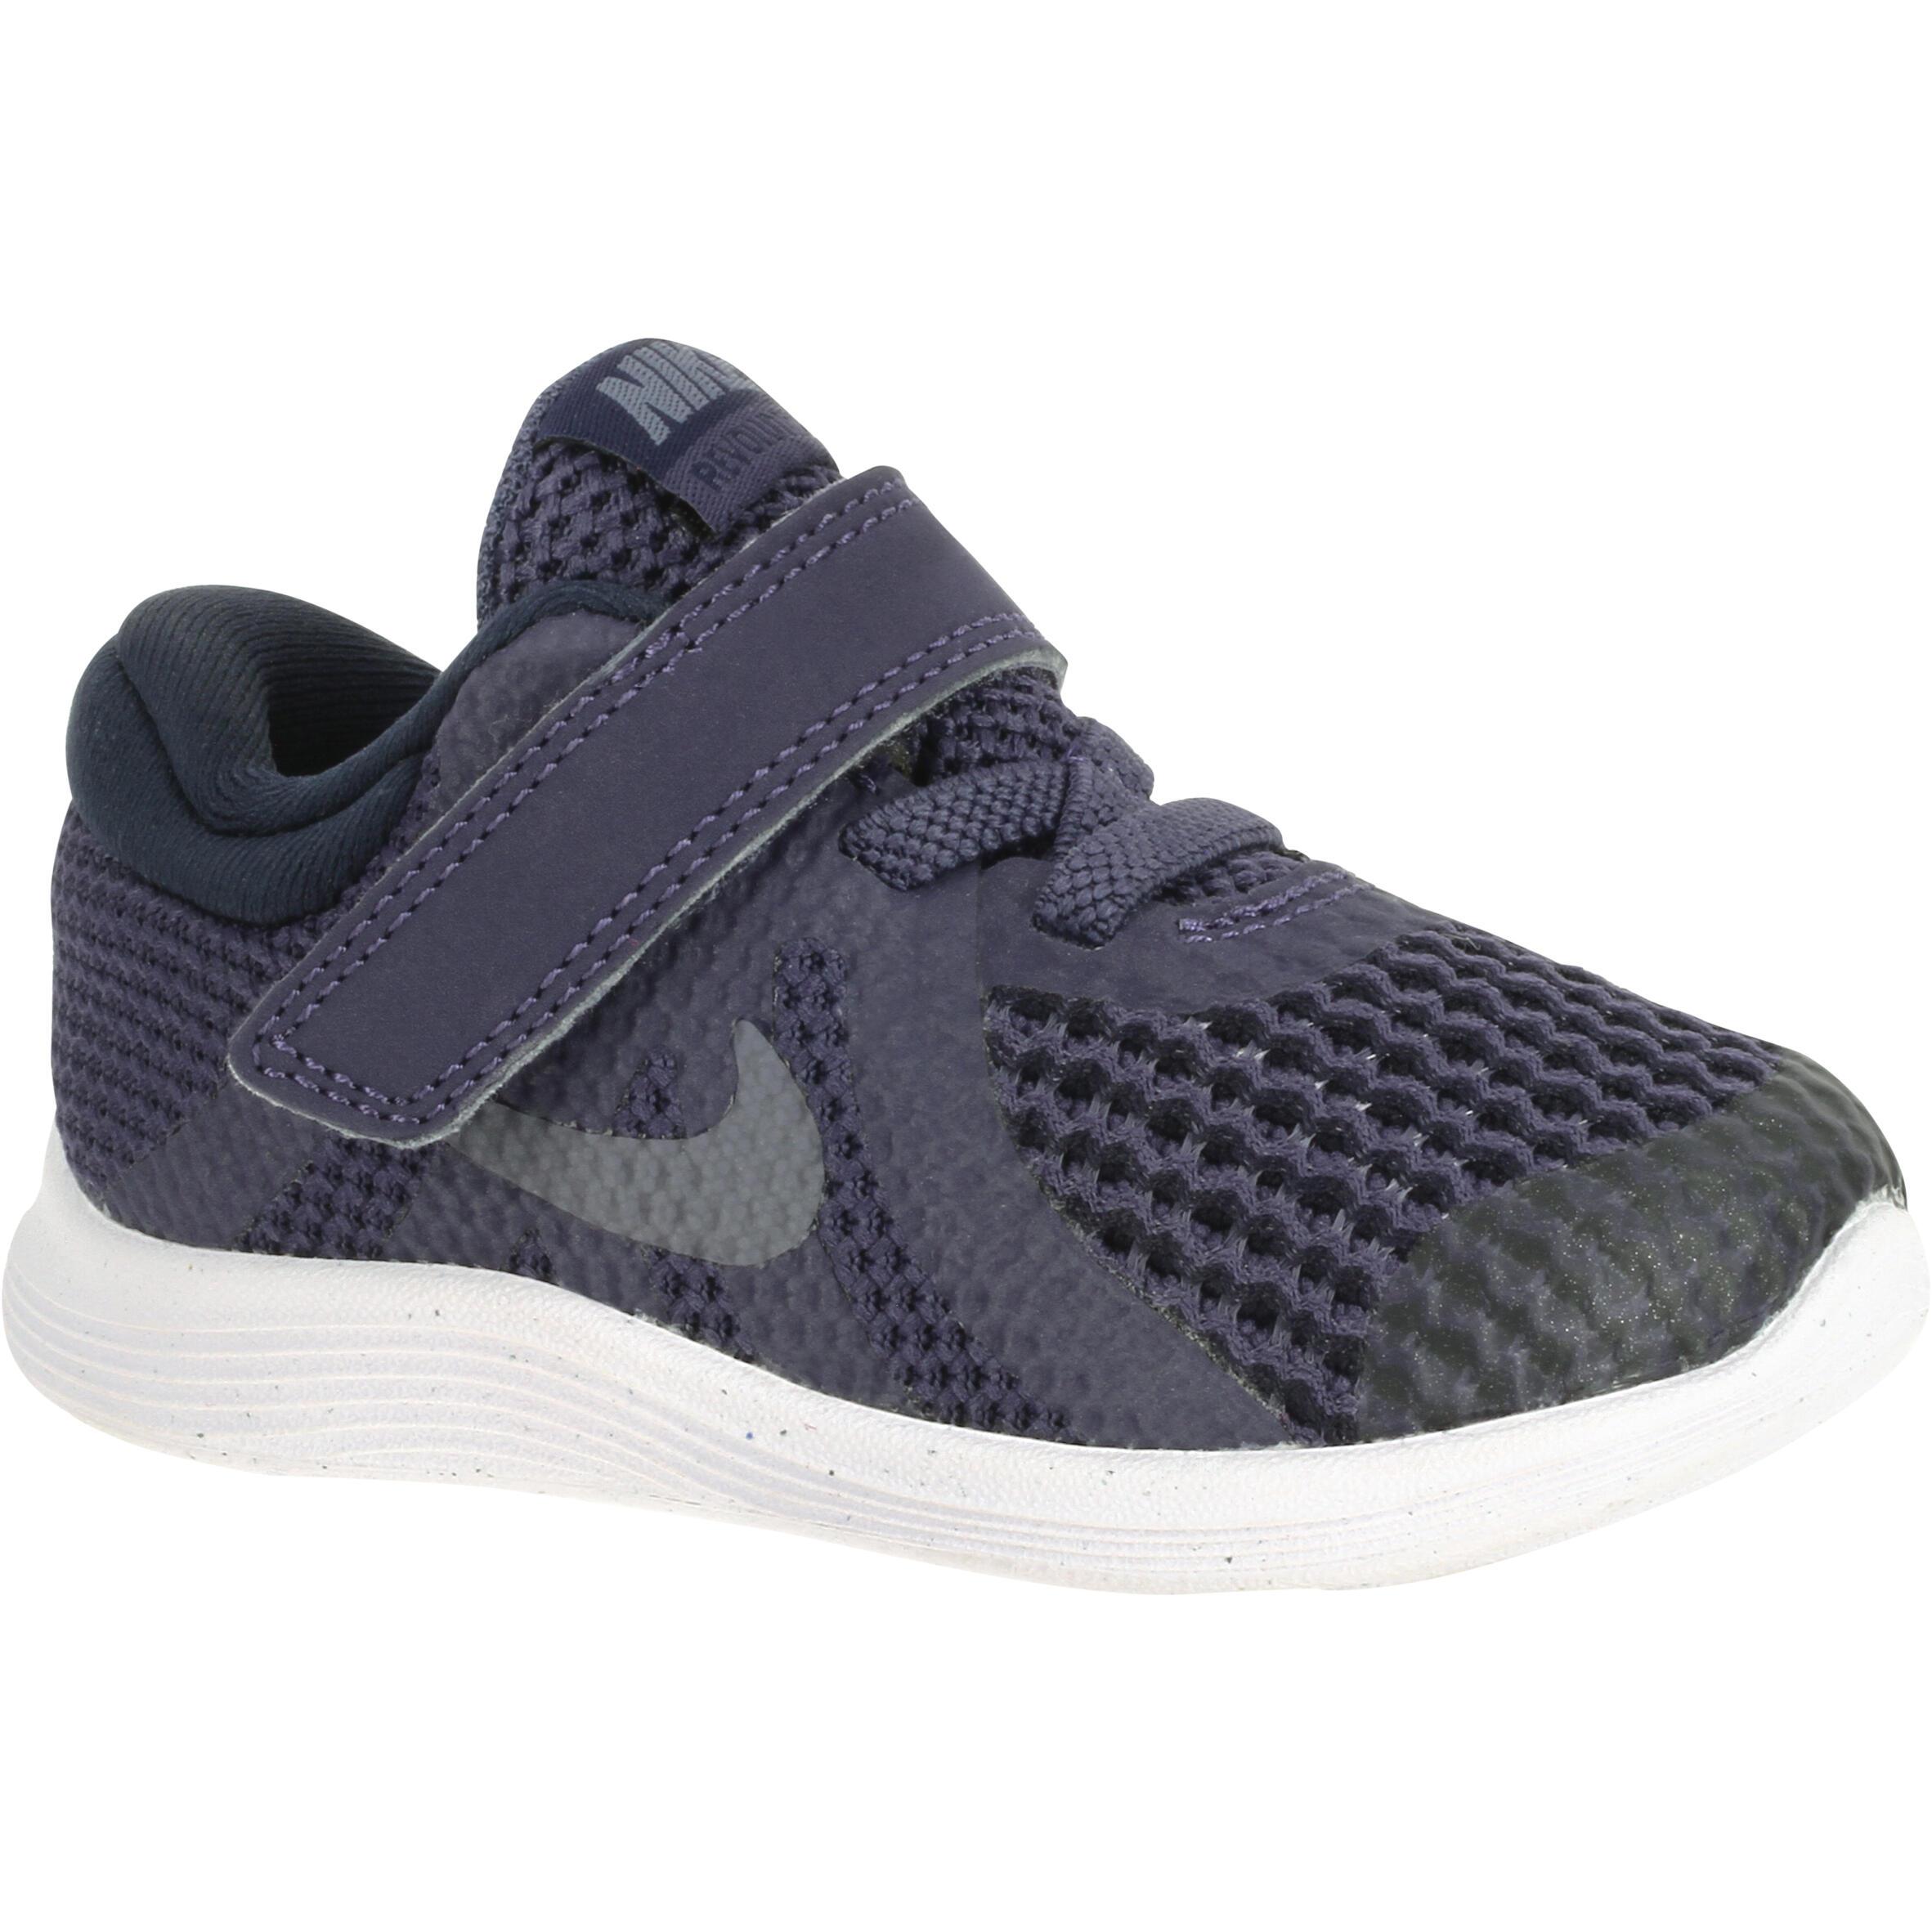 primera vista nuevo estilo de 2019 baratas para la venta Comprar Patucos y Zapatos de Bebé Online | Decathlon